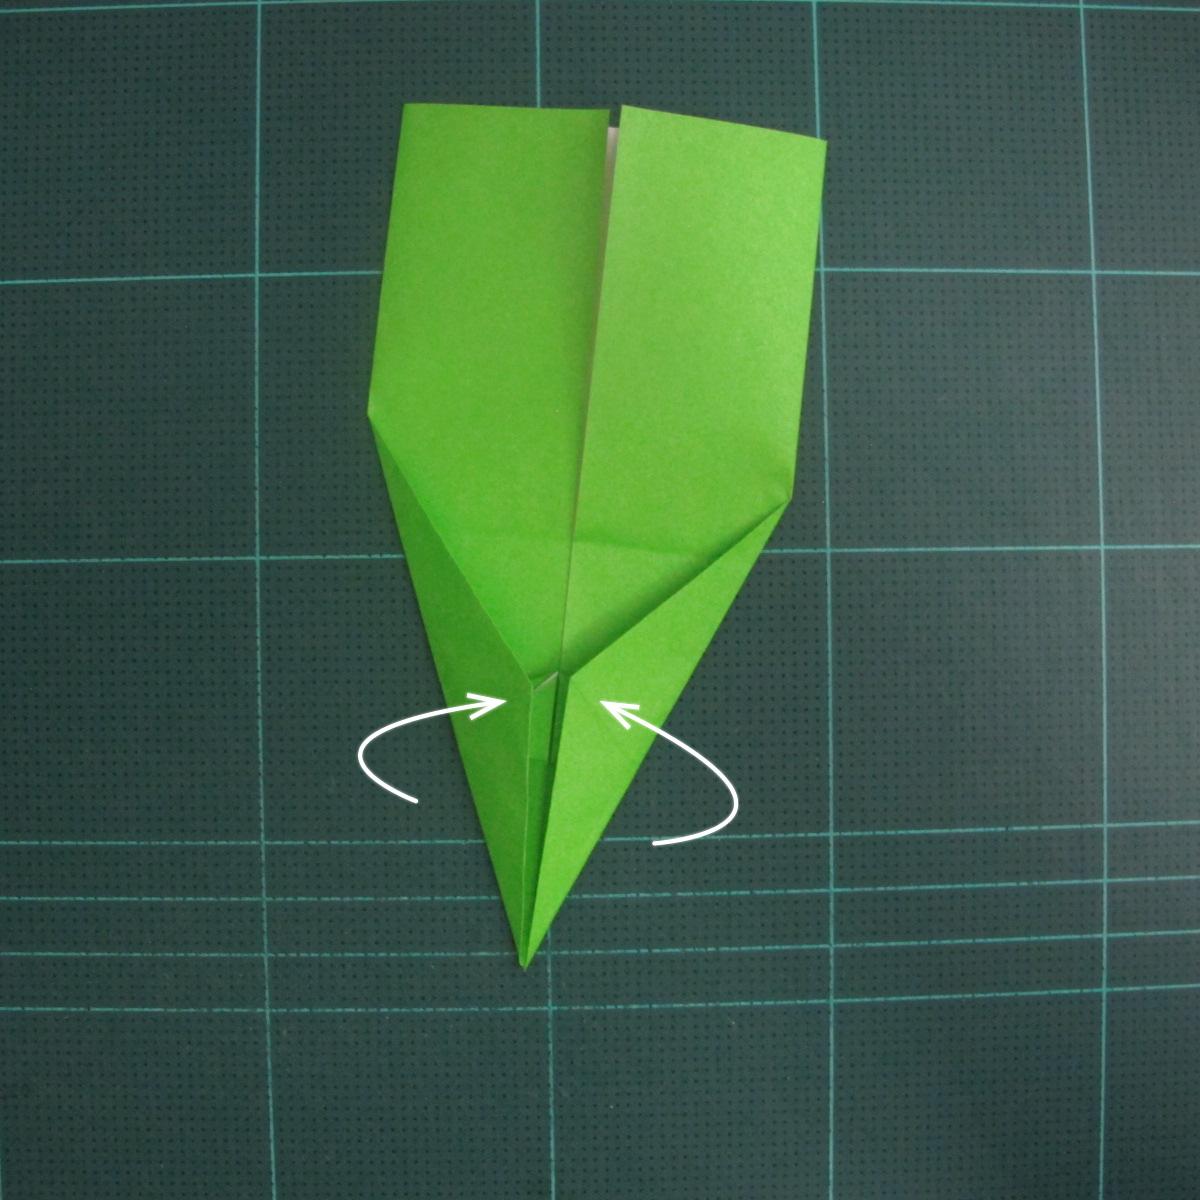 การพับกระดาษเป็นรูปแรด (Origami Rhino) 011